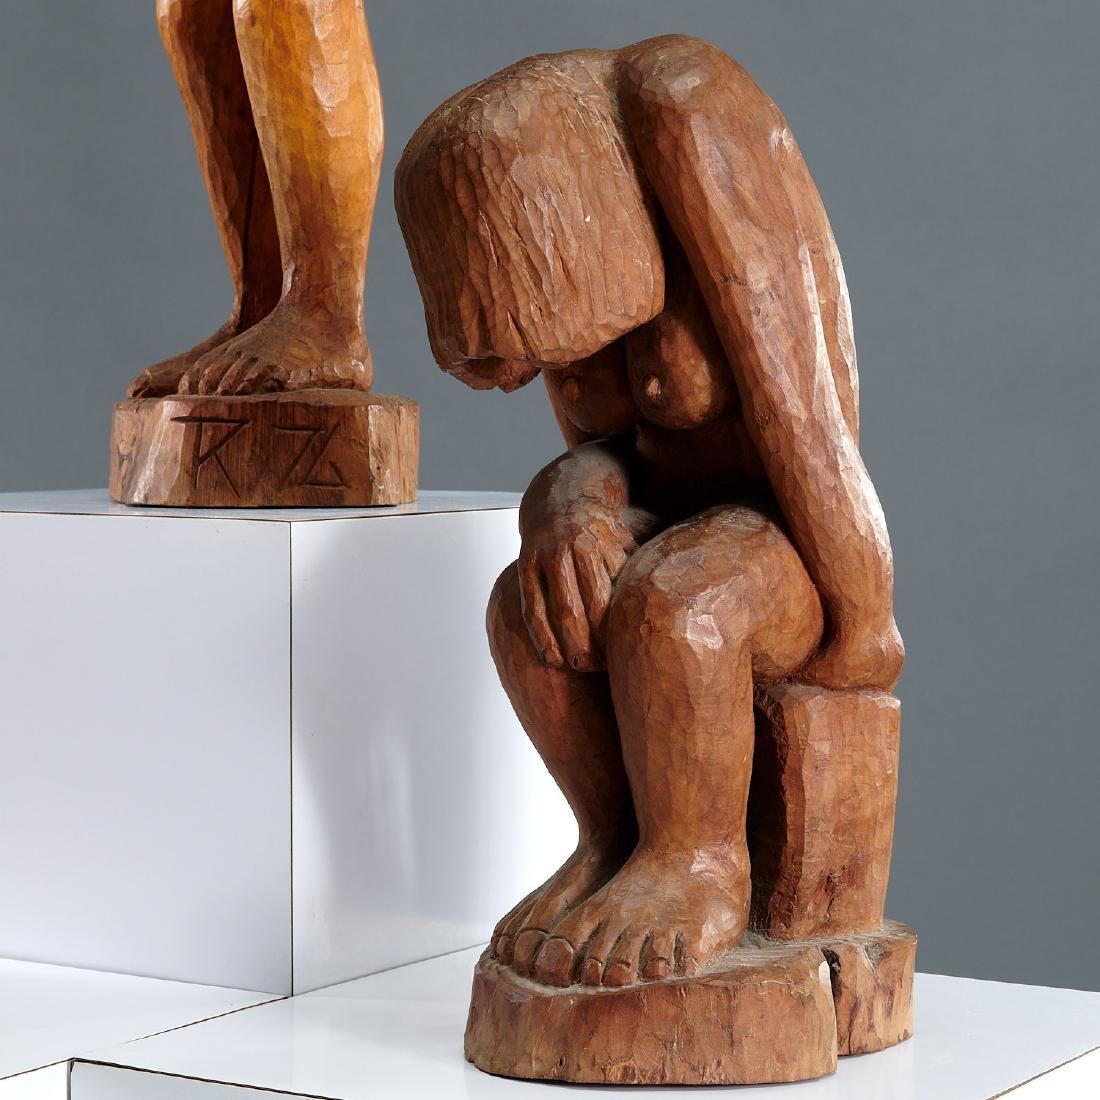 Kresimir Trumbetas, (3) sculptures - 3